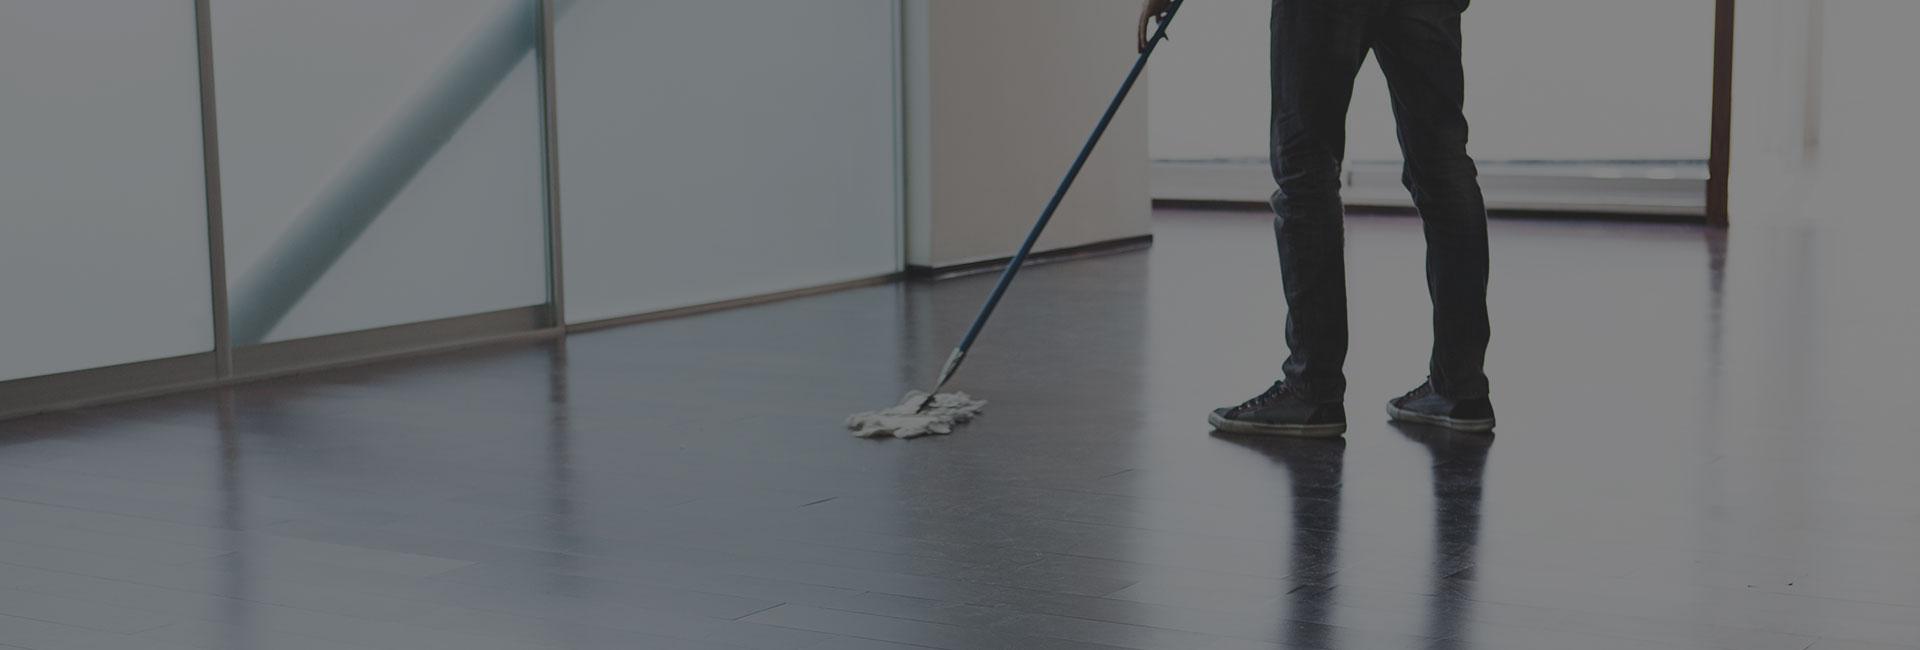 Porter Cleaning Hardwood Floors